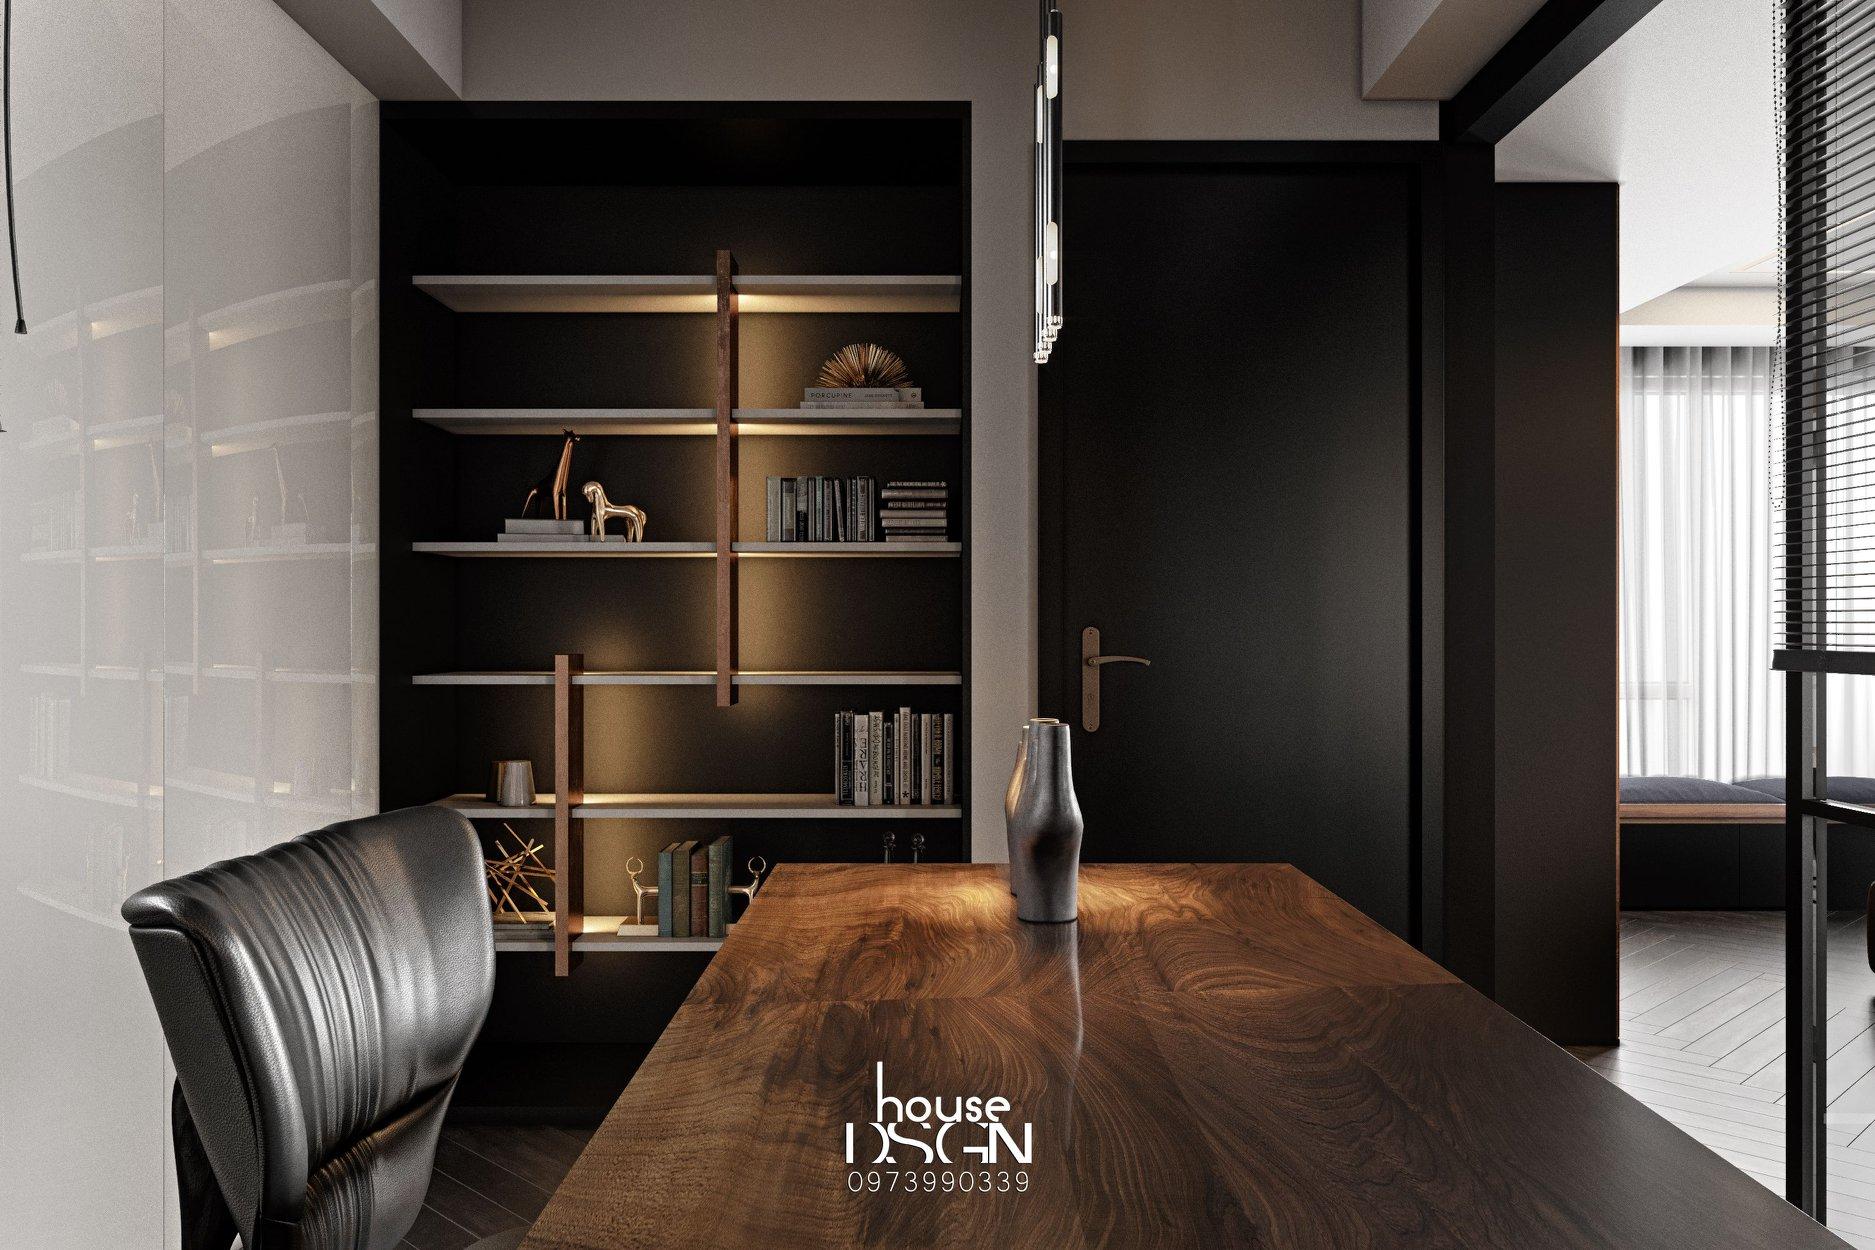 thiết kế nội thất tối giản cho phòng làm việc